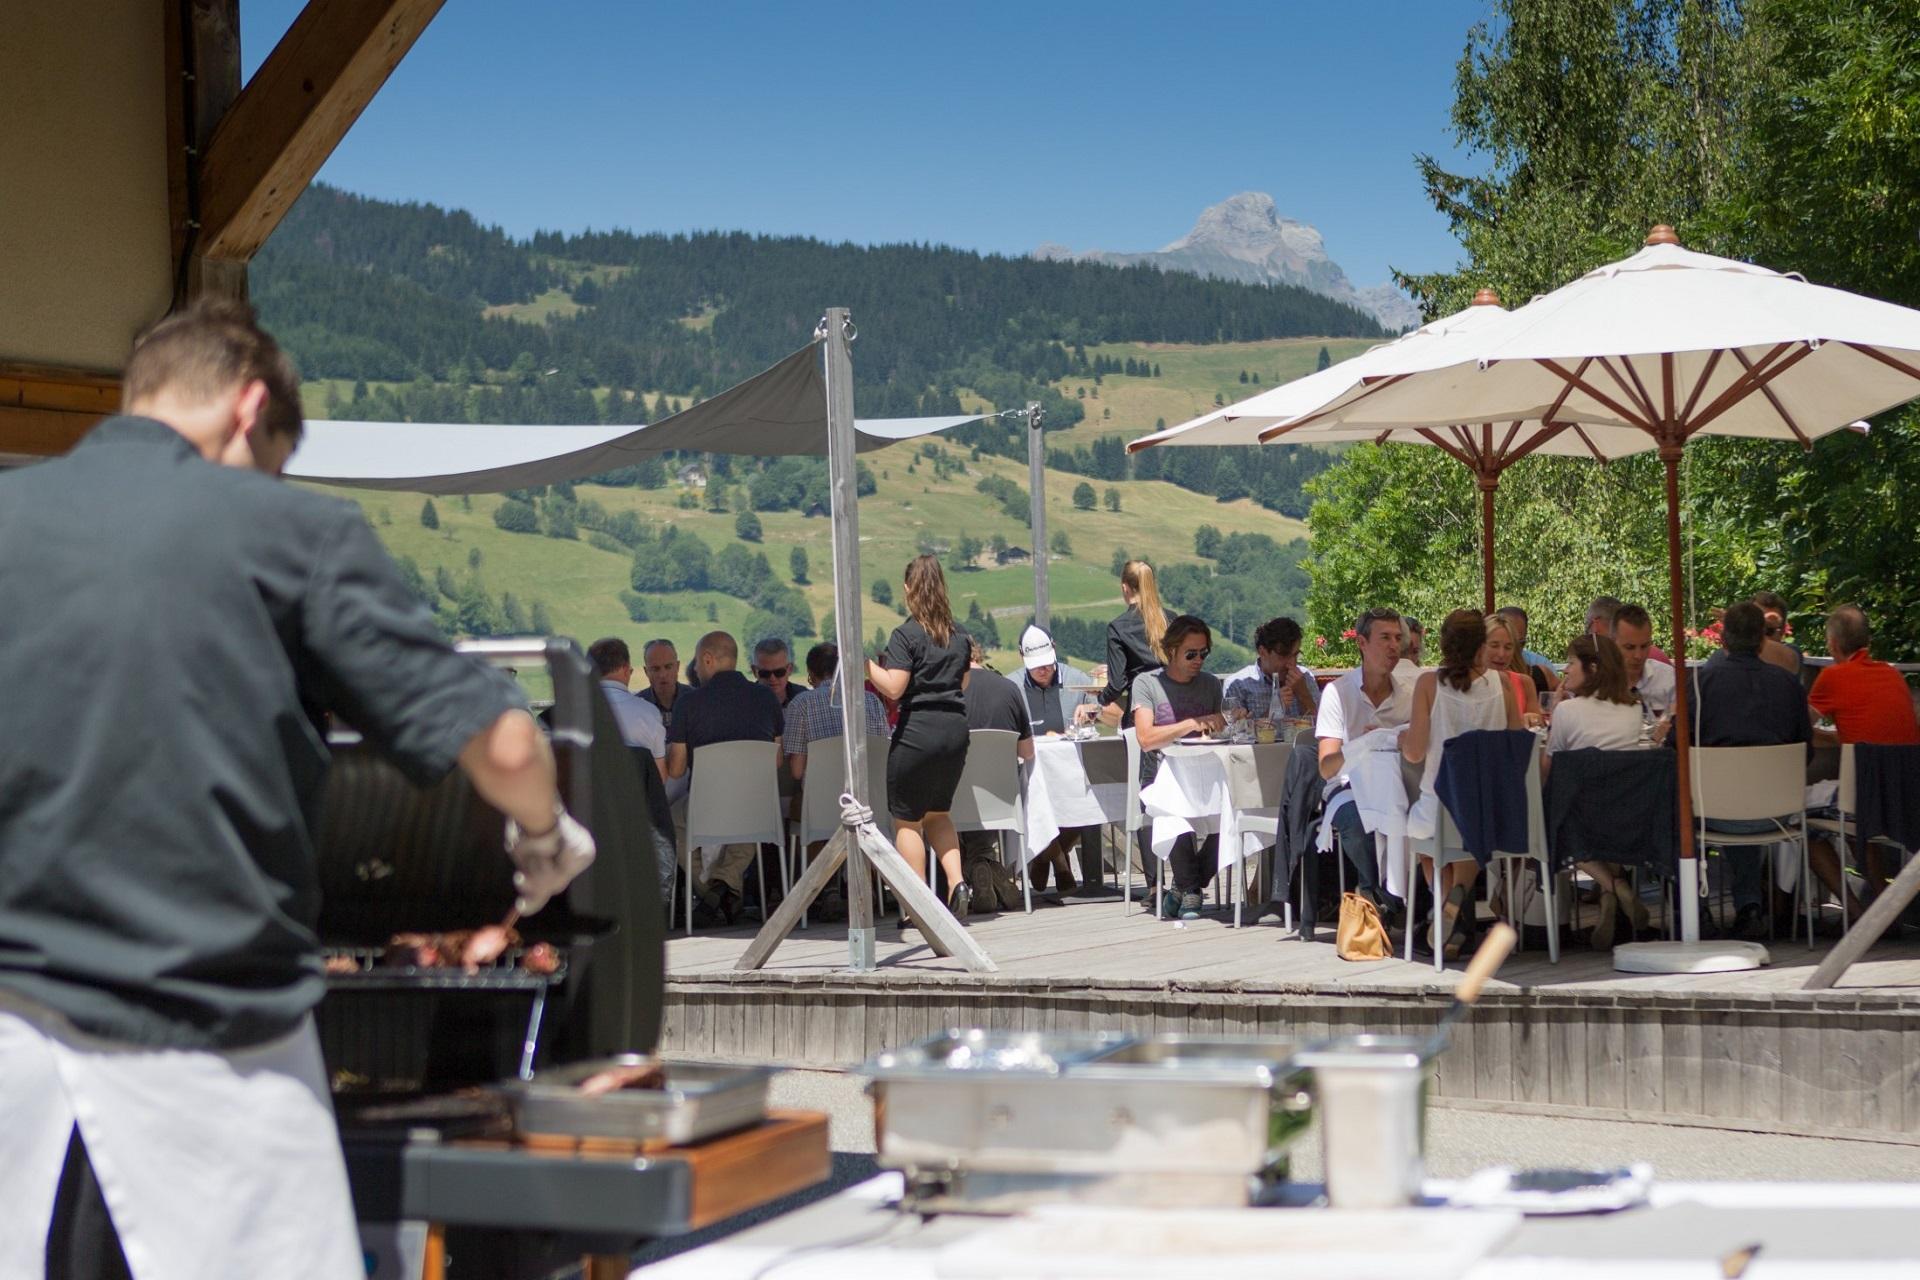 l'arboisie-megeve-incentive-ski-montagne-alpes-barbecue-101 seminaires-de-caractere